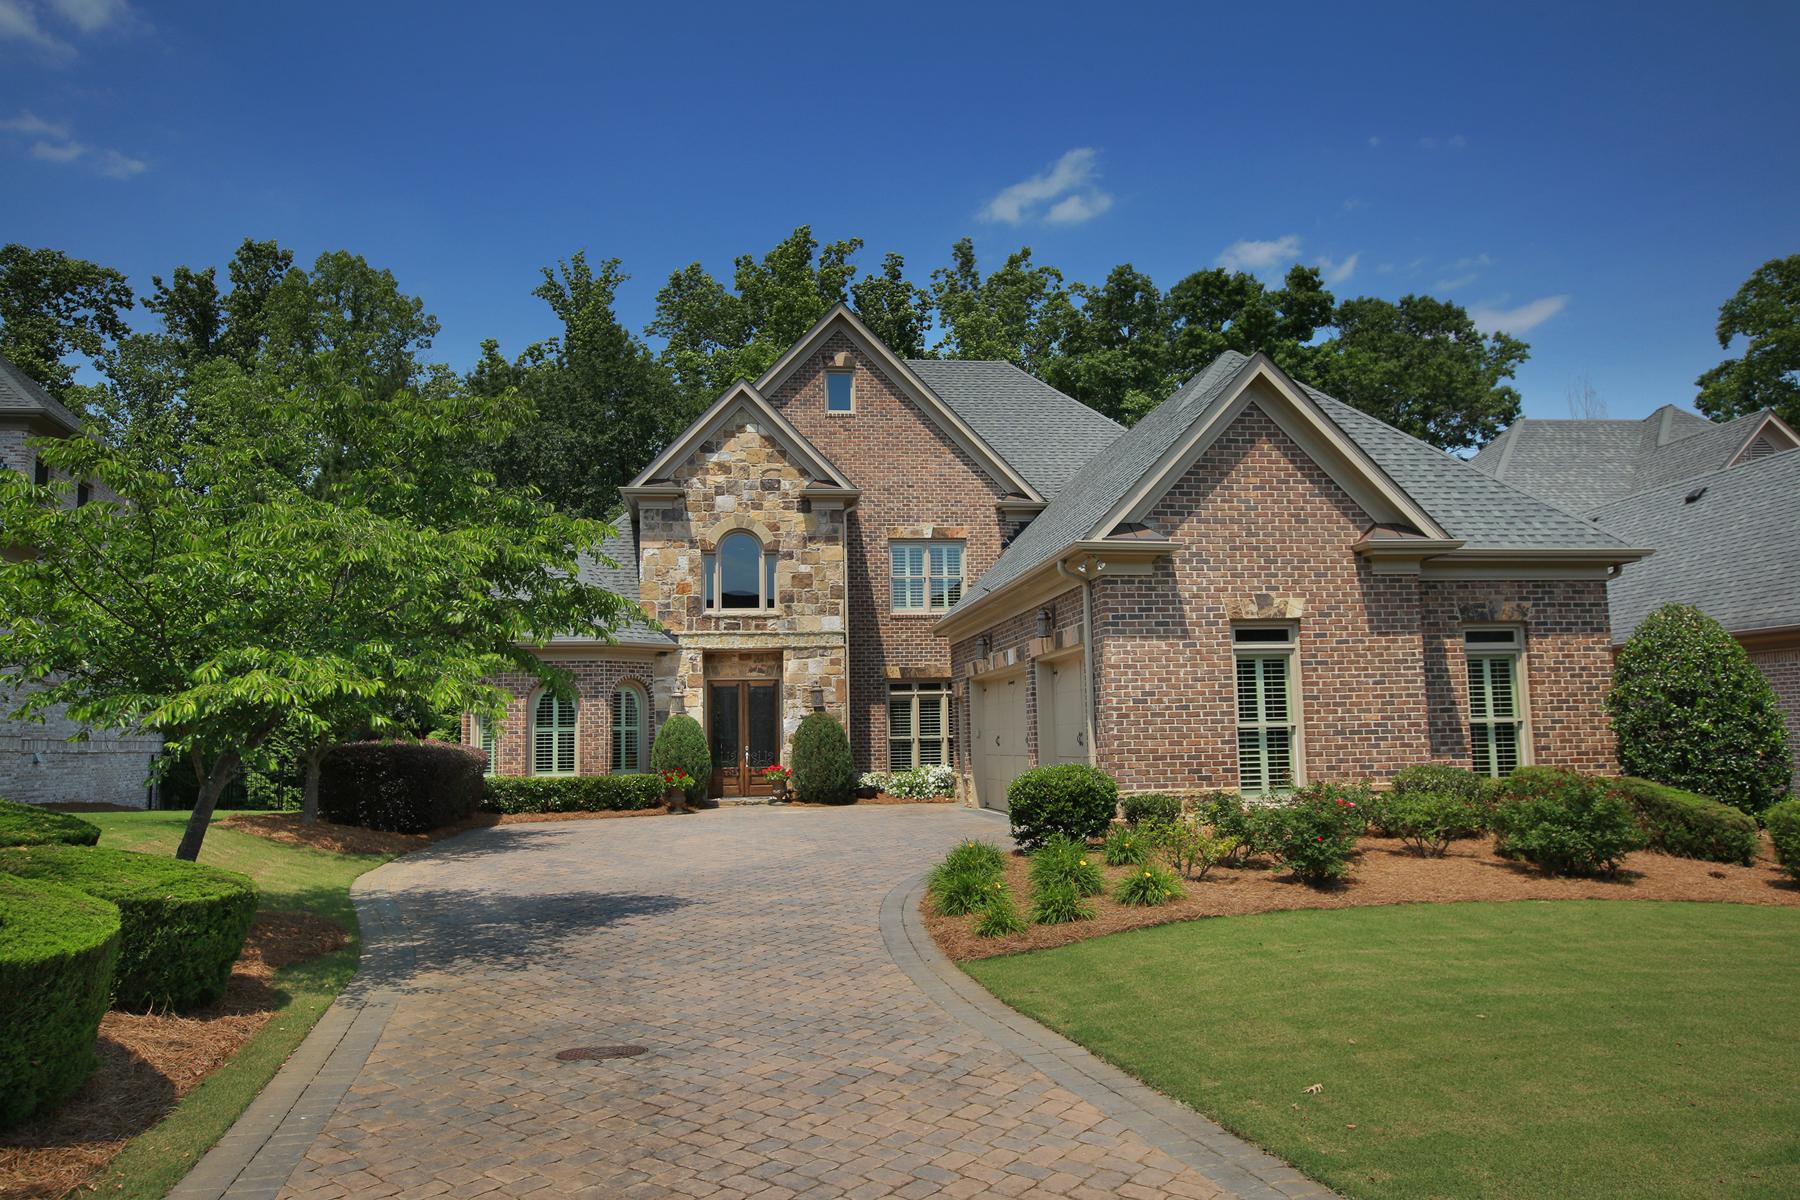 Nhà ở một gia đình vì Bán tại Luxury Lifestyle at it's Finest in a Gated Golf Community! 8240 Royal Melbourne Way Duluth, Georgia, 30097 Hoa Kỳ